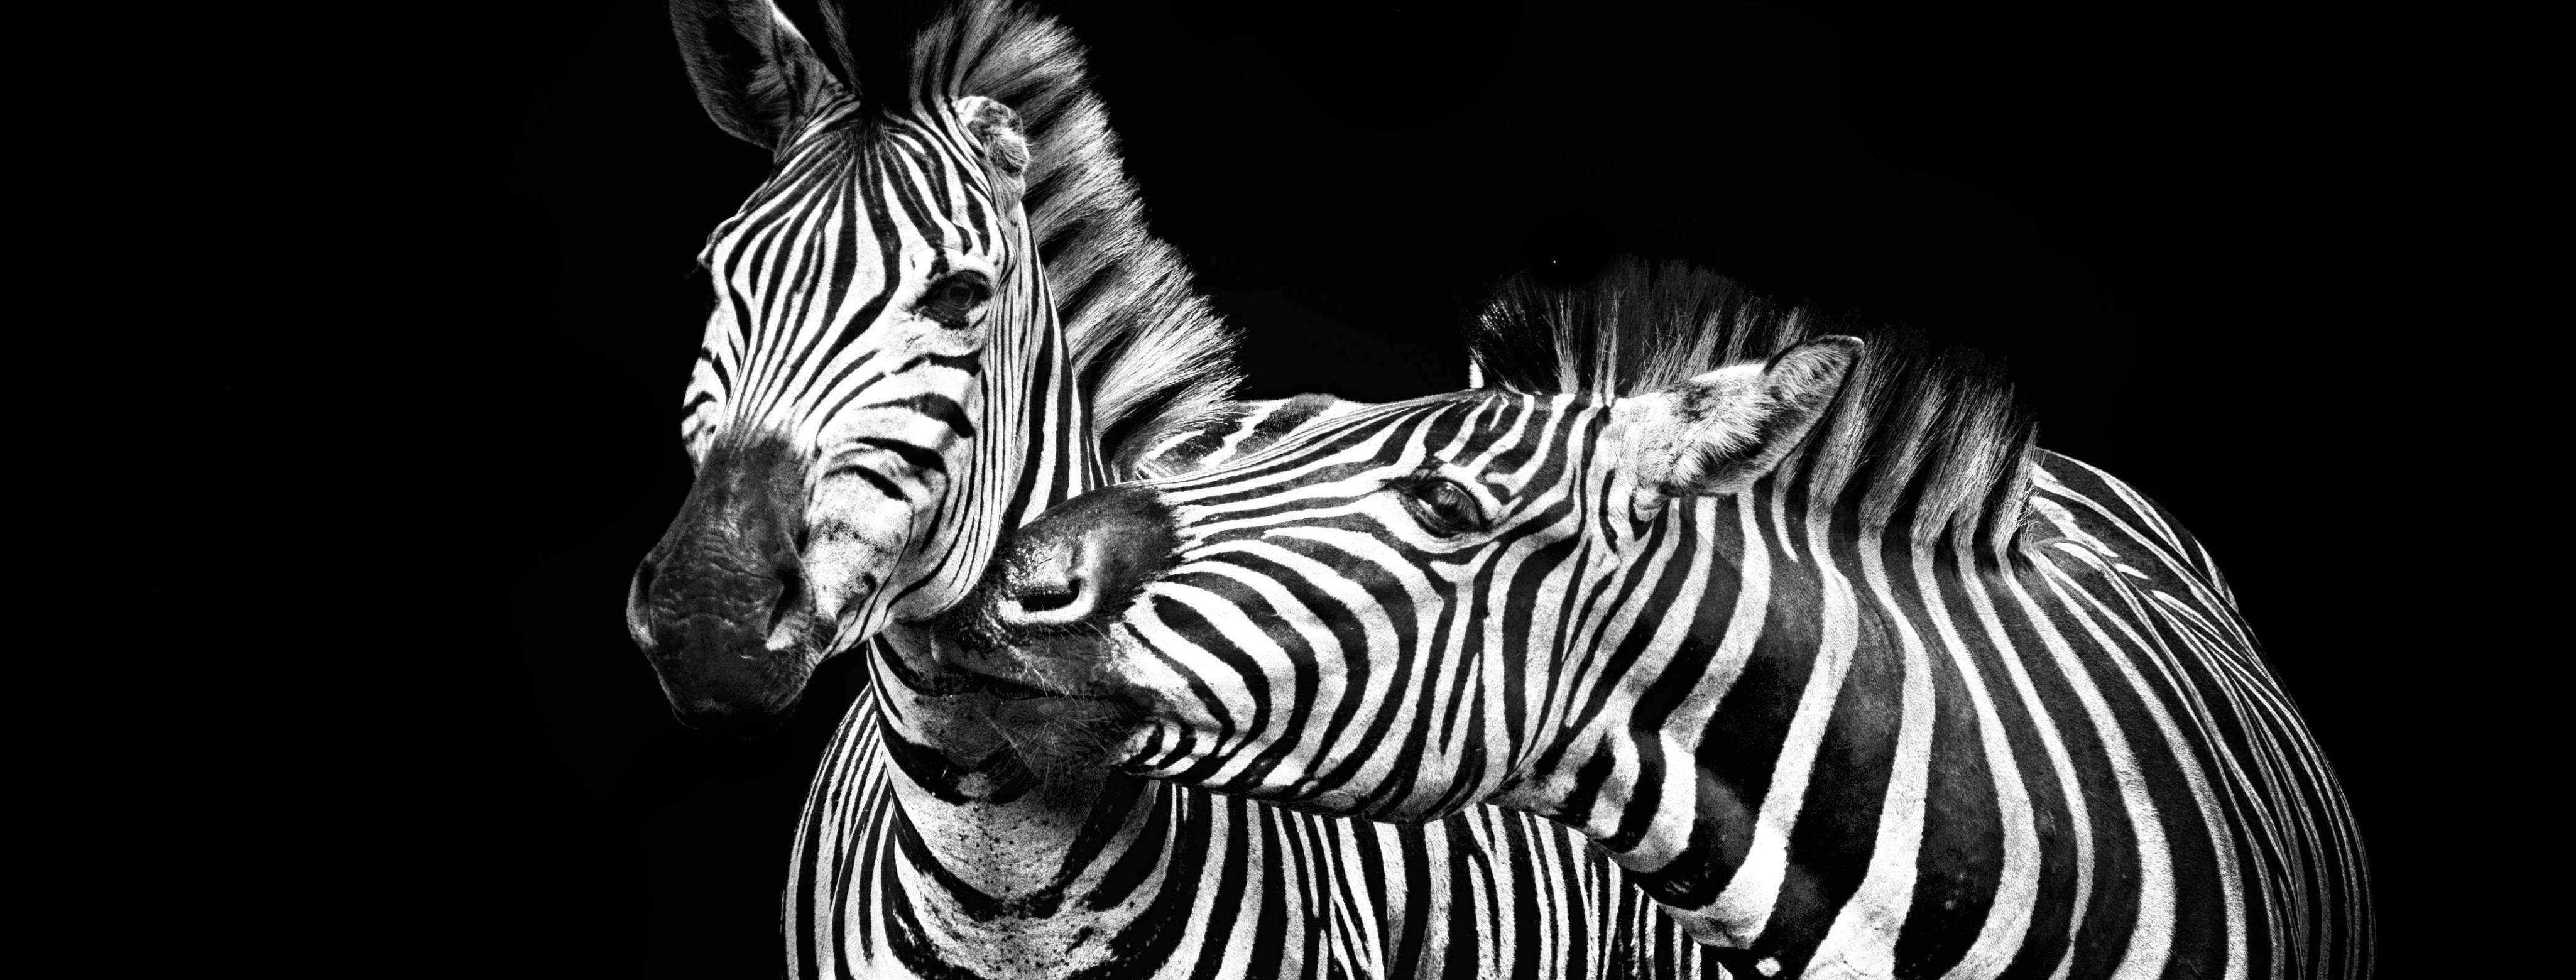 Black & White Zebra Hero dimension